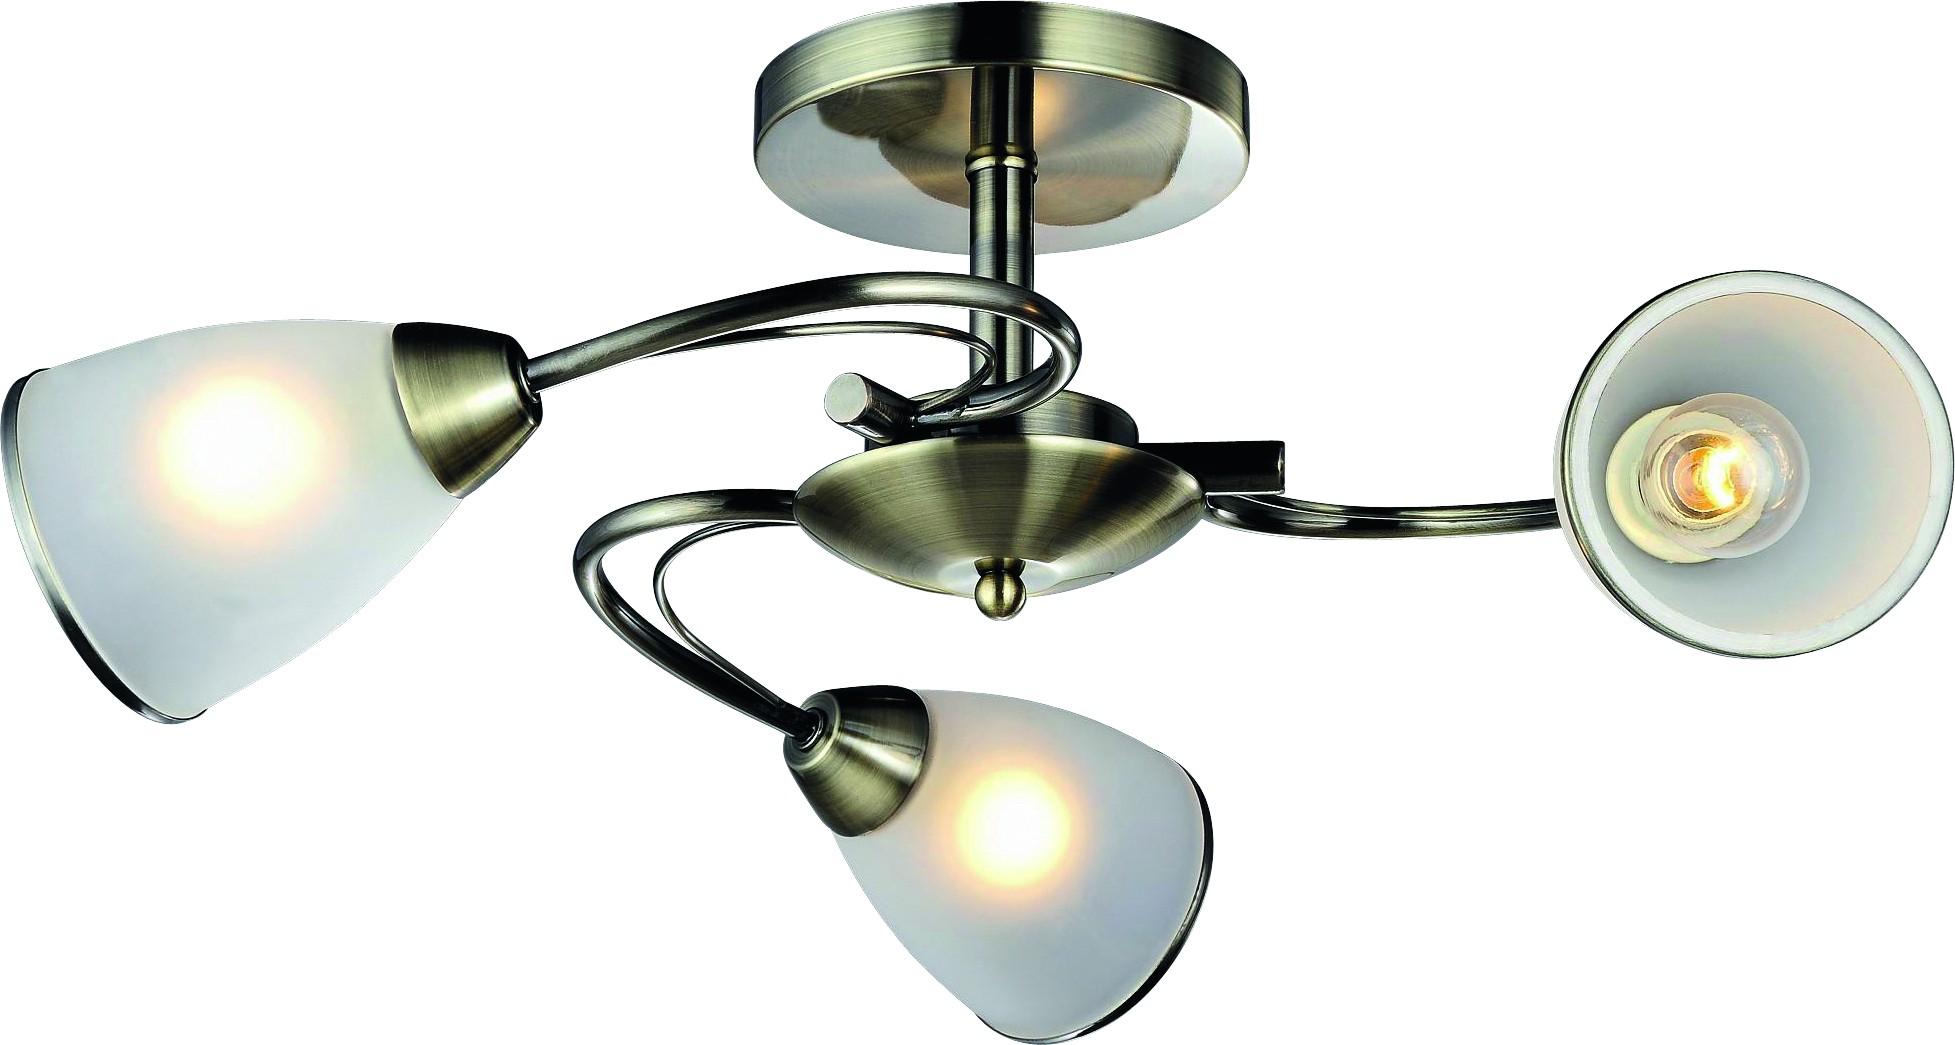 Люстра Arte lamp A6056pl-3ab arte lamp люстра на штанге arte lamp a6056pl 3ab